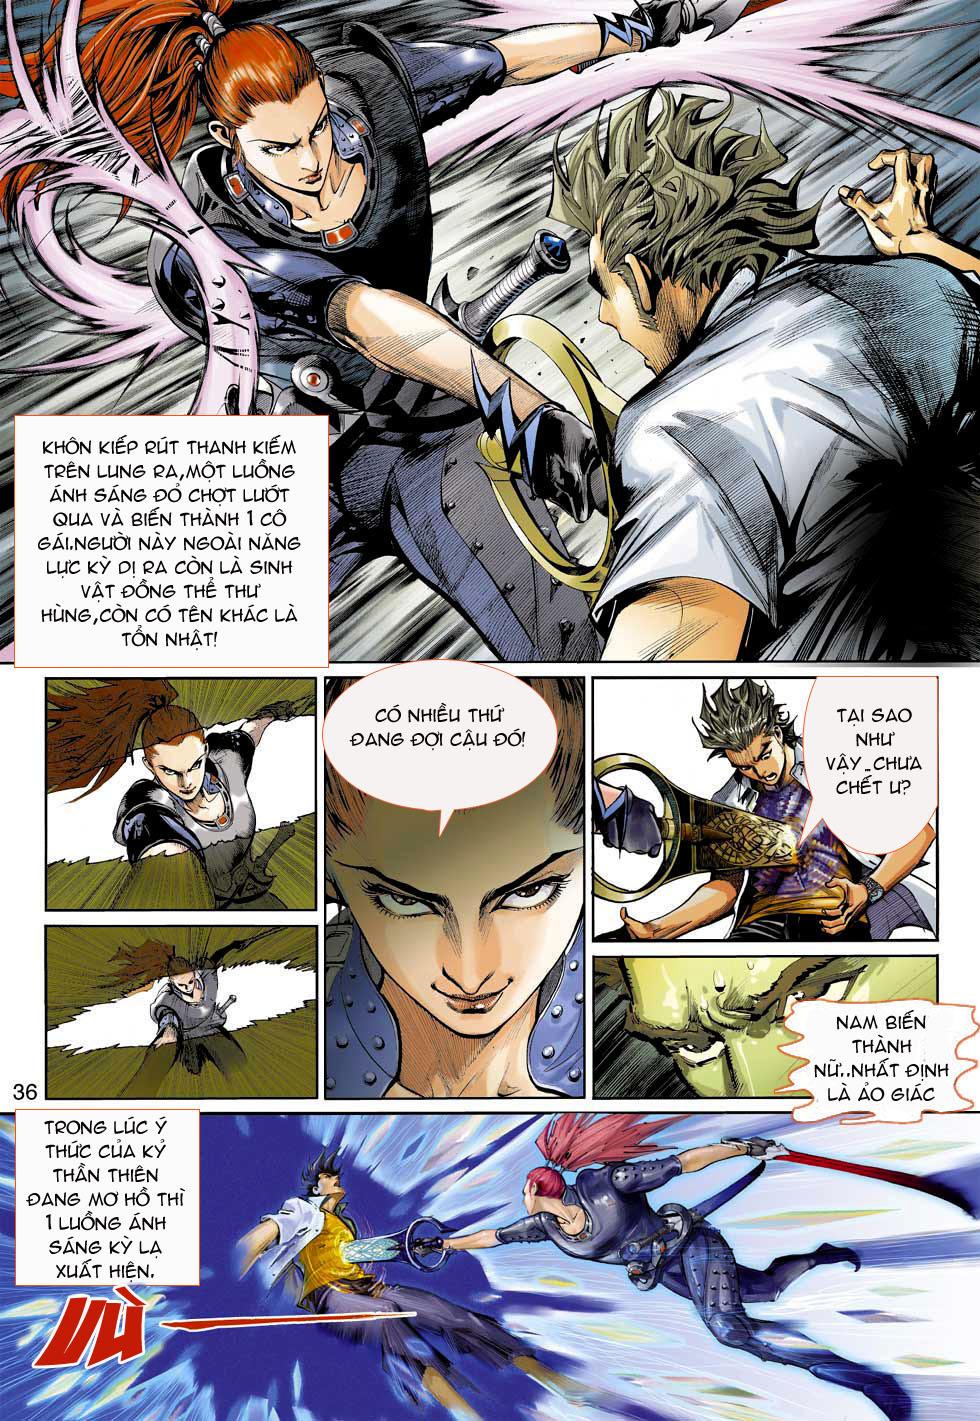 Thần Binh 4 chap 3 - Trang 36